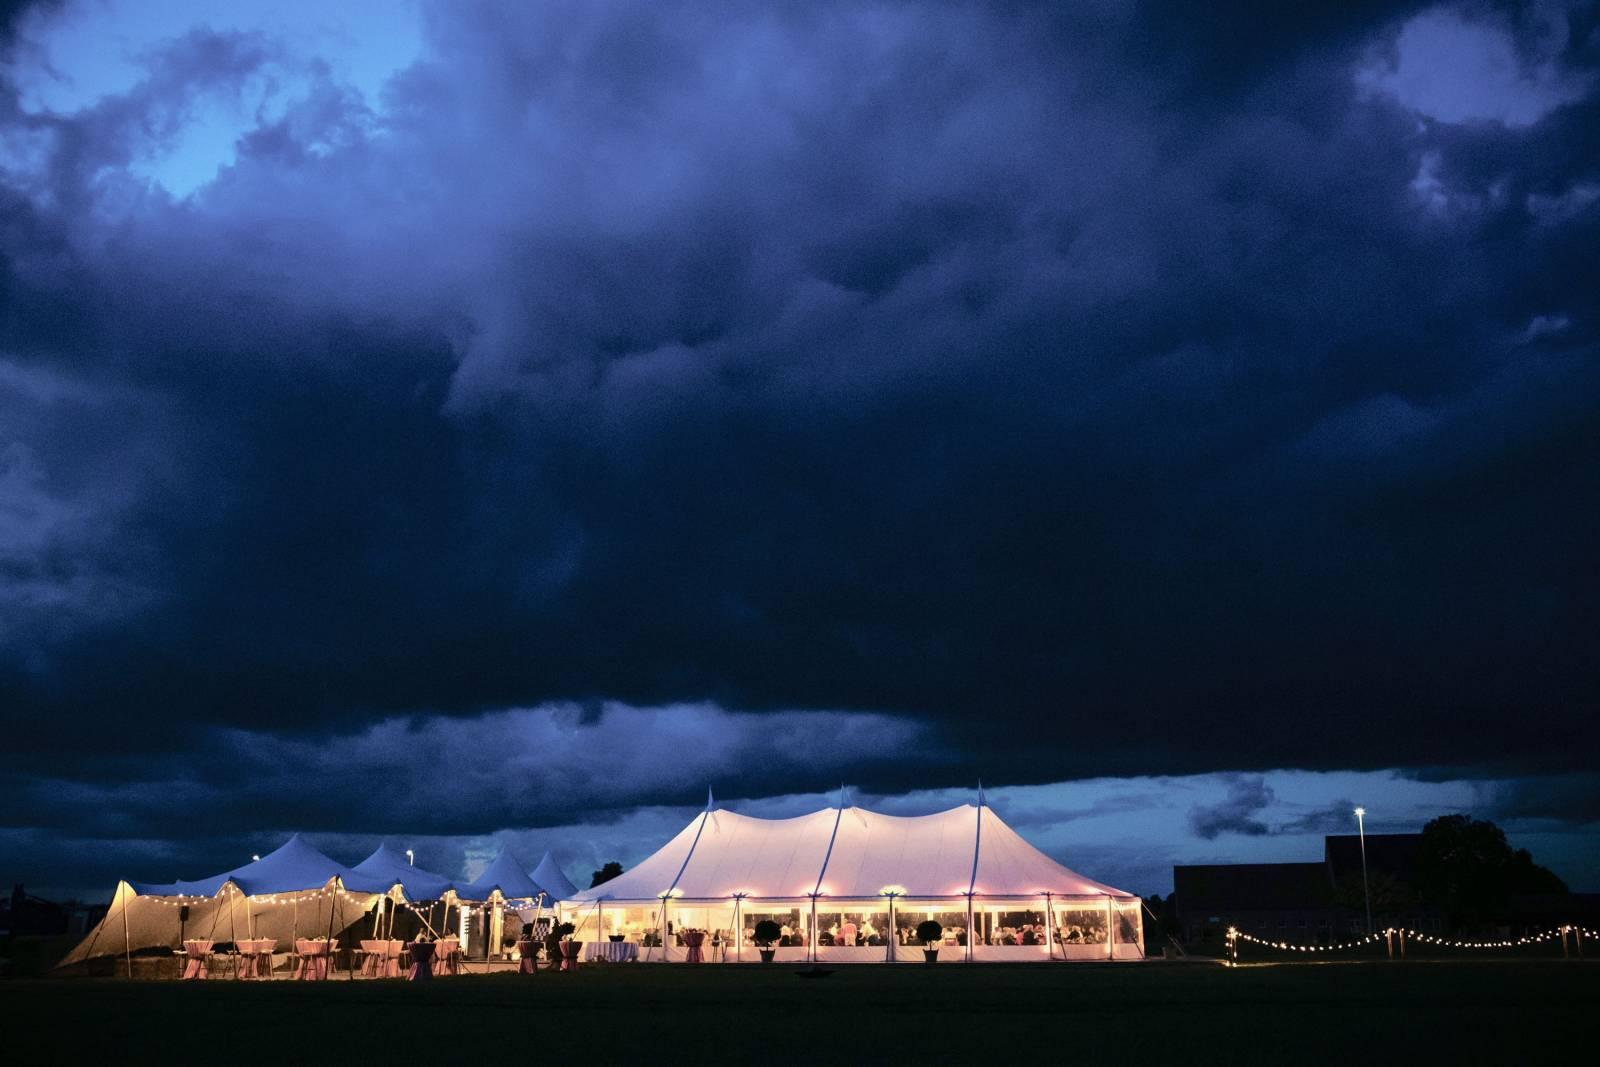 Altiro Tenten - Wedding Tent - Feesttent - Huwelijk trouw bruiloft - House of Weddings - 26